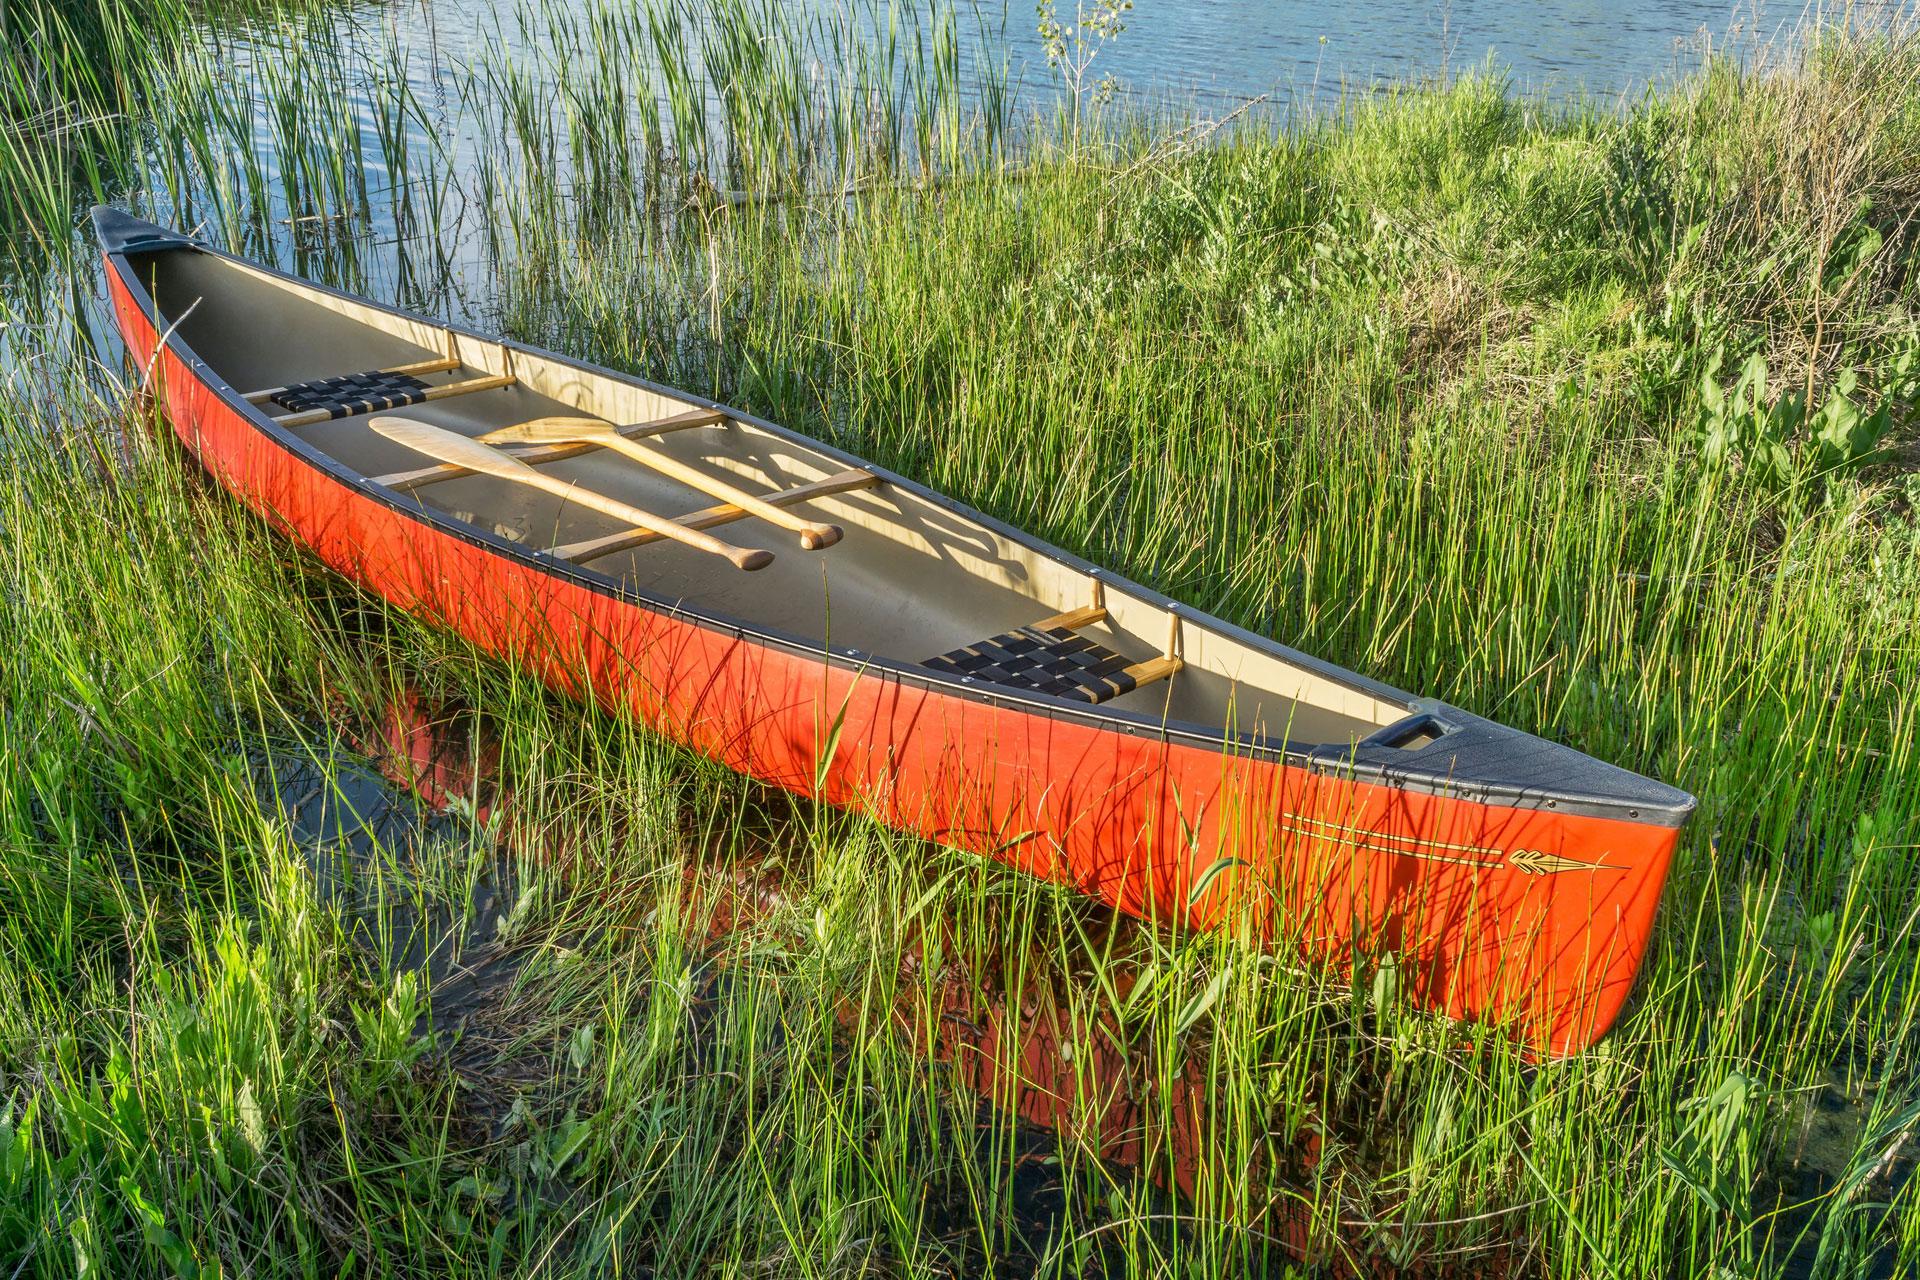 Ein rotes Ruderboot liegt am Ufer